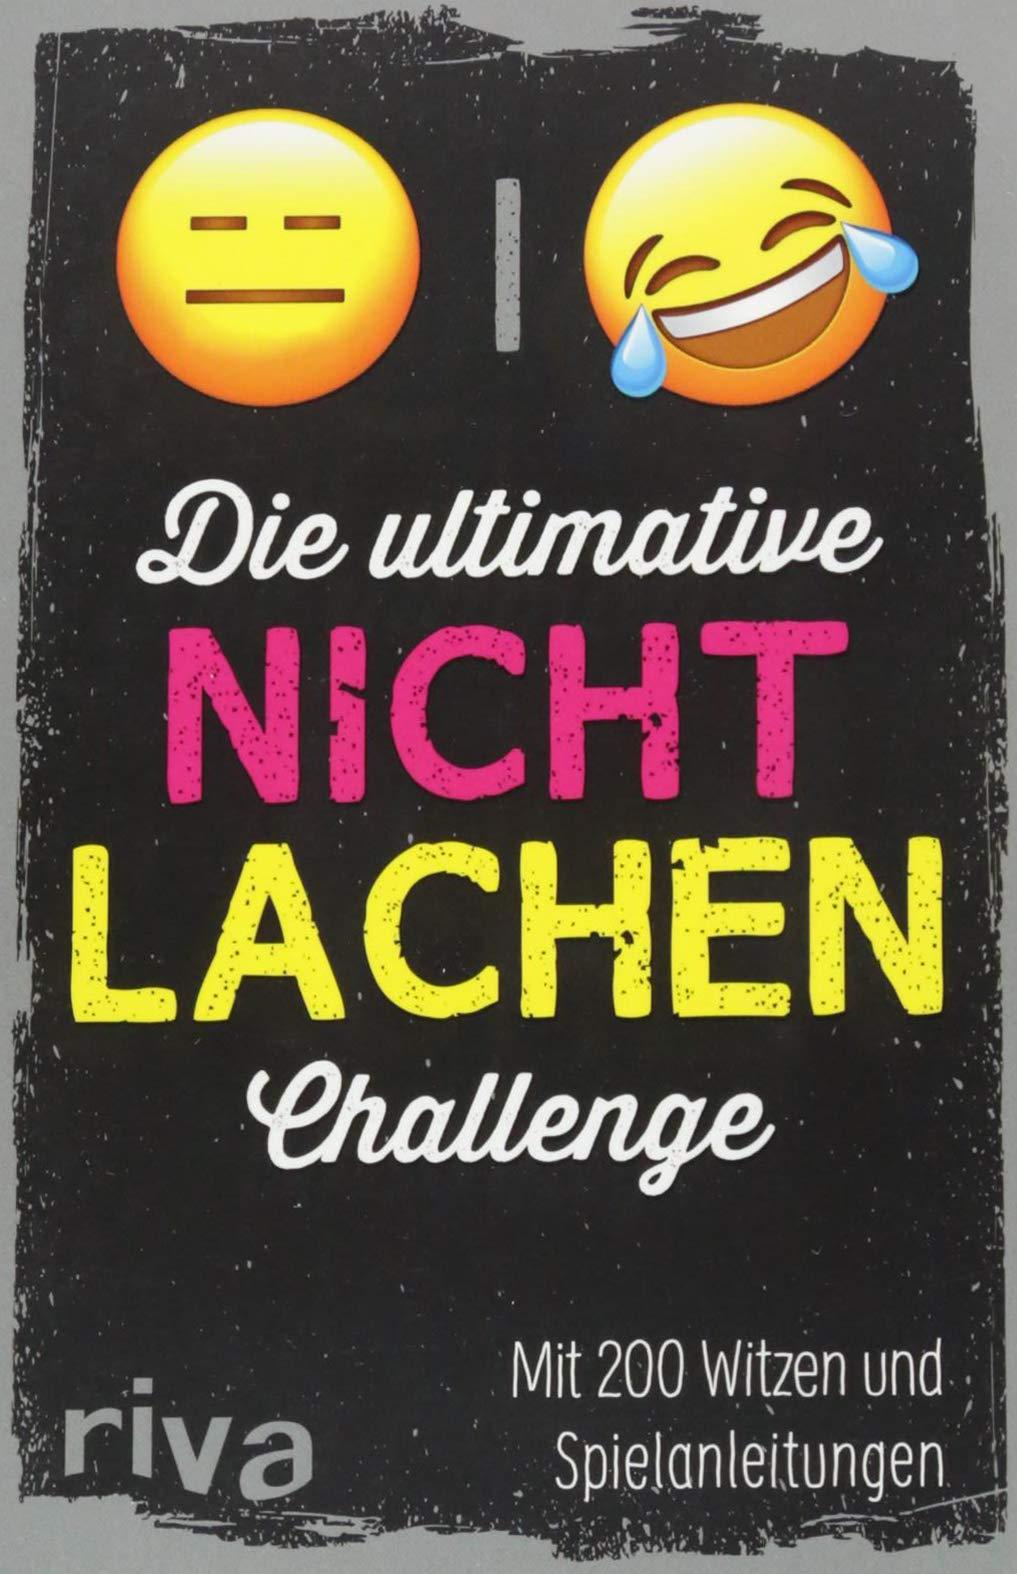 Die ultimative Nicht-lachen-Challenge: Mit 200 Witzen und Spielanleitungen Taschenbuch – 10. September 2018 Riva 3742307568 Humor / Lachen Humor / Witz